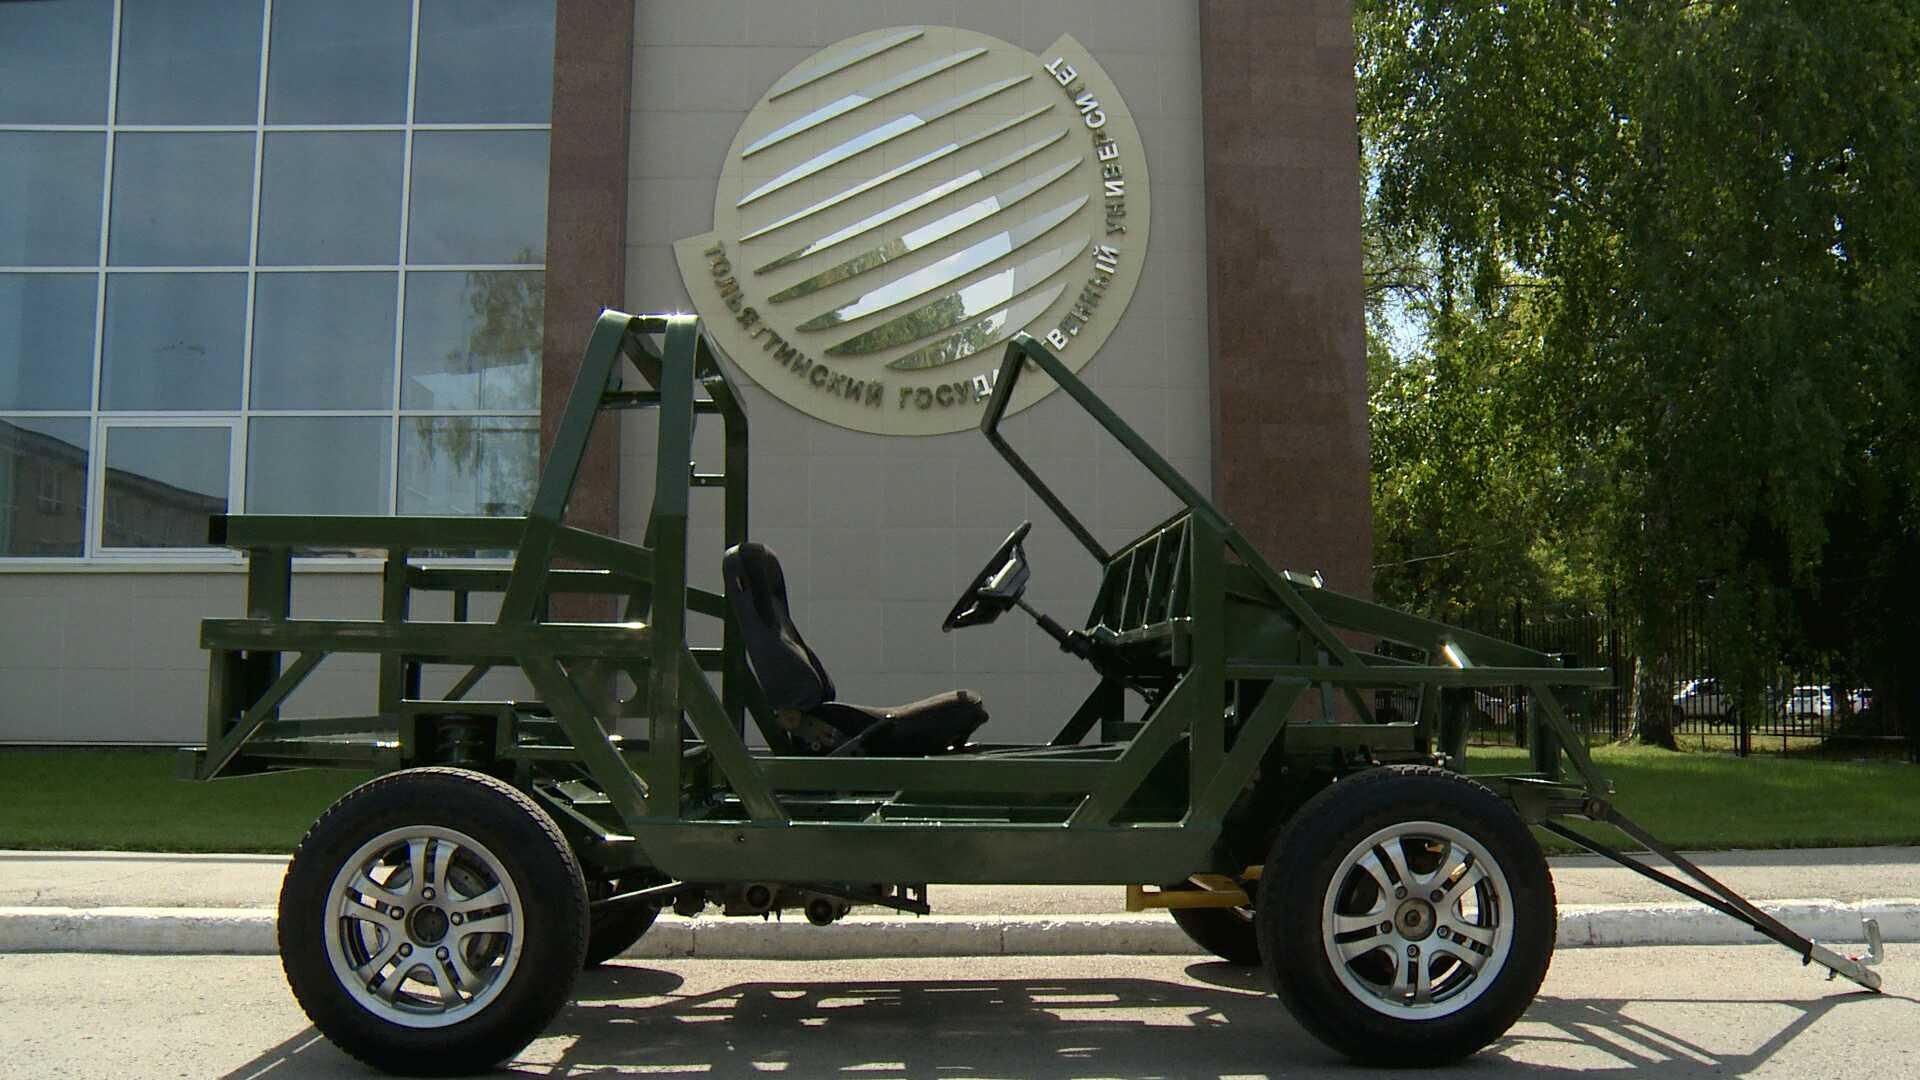 Ауто нема ни кров ни врата, и врло је једноставног изгледа. Извор: Државни универзитет у Тољатију